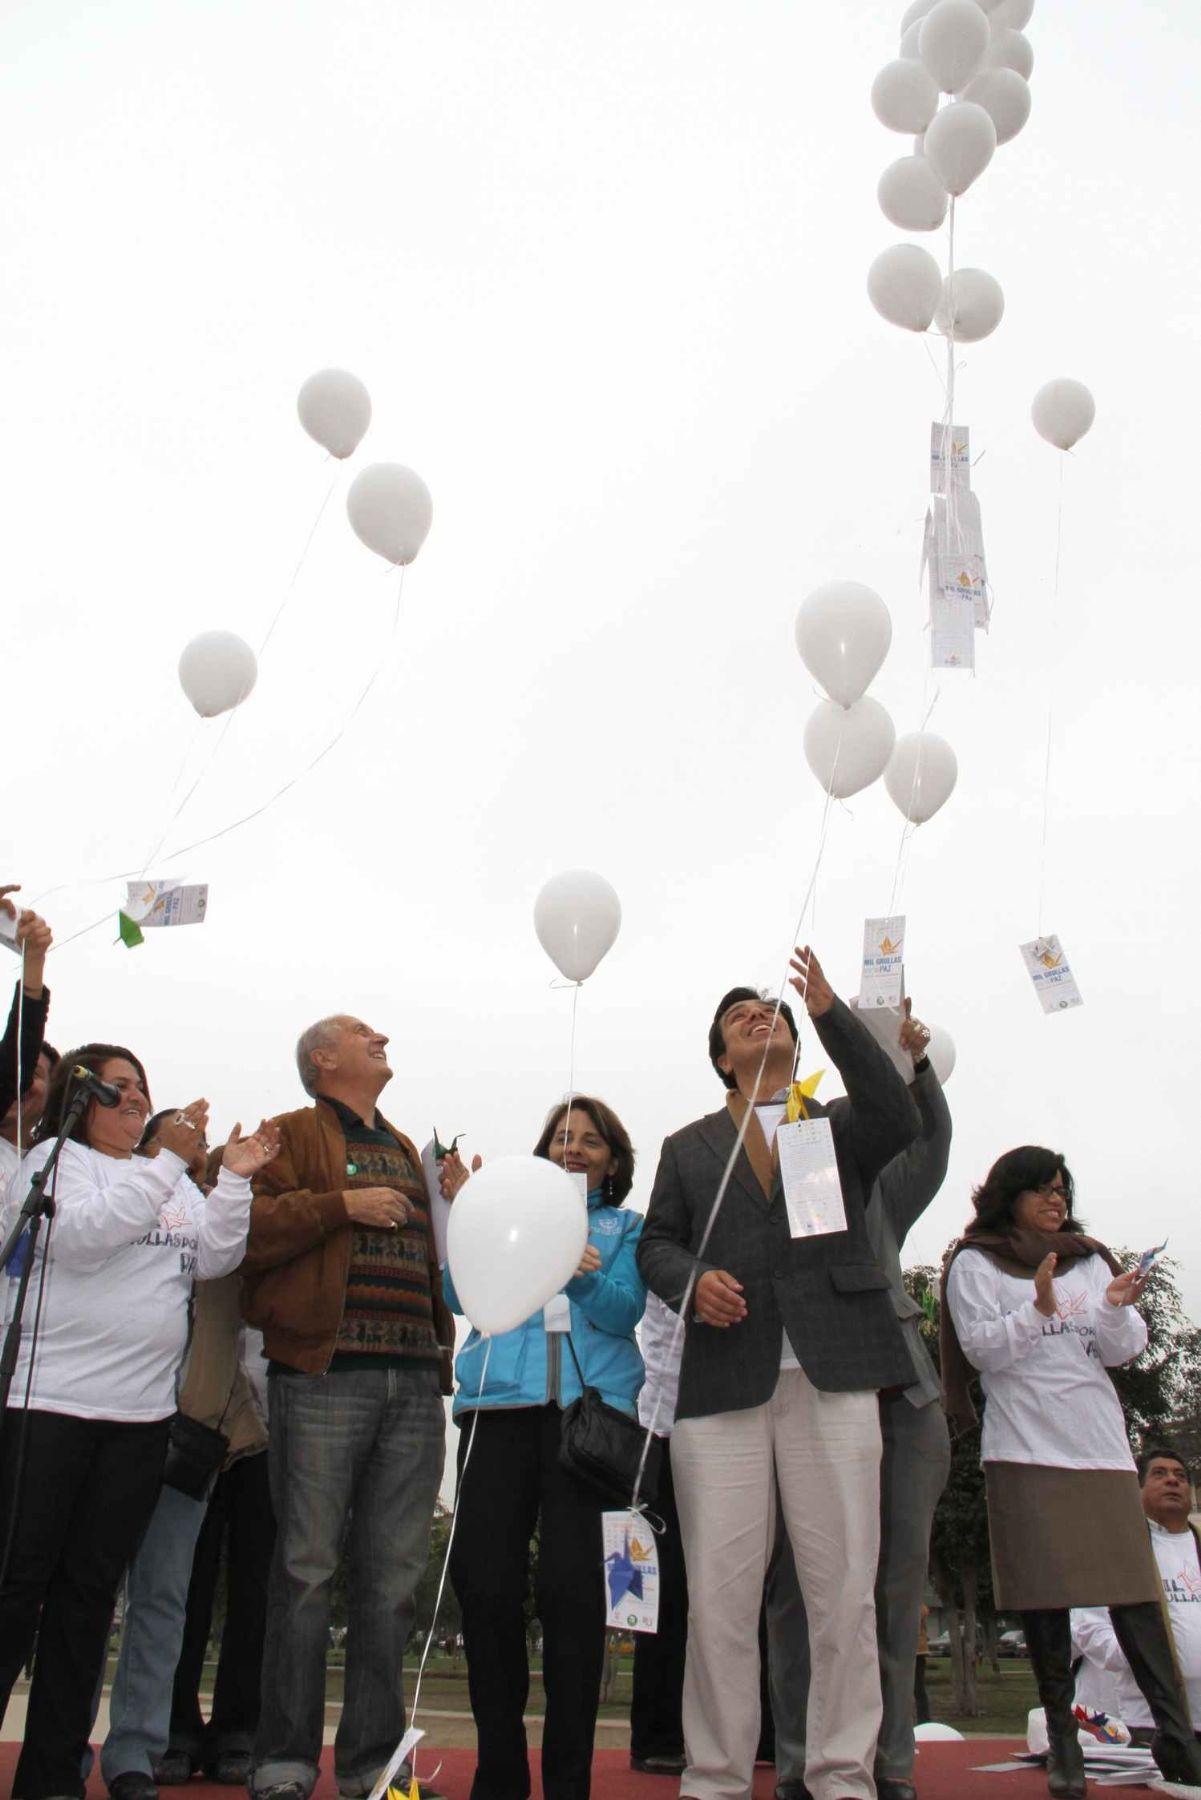 """Lanzamiento de globos blancos en marcha """"Mil grullas por la paz"""", realizada en La Victoria en recuerdo de las víctimas del ataque nuclear sobre la ciudad  japonesa de Hiroshima, el 6 de agosto de 1945."""